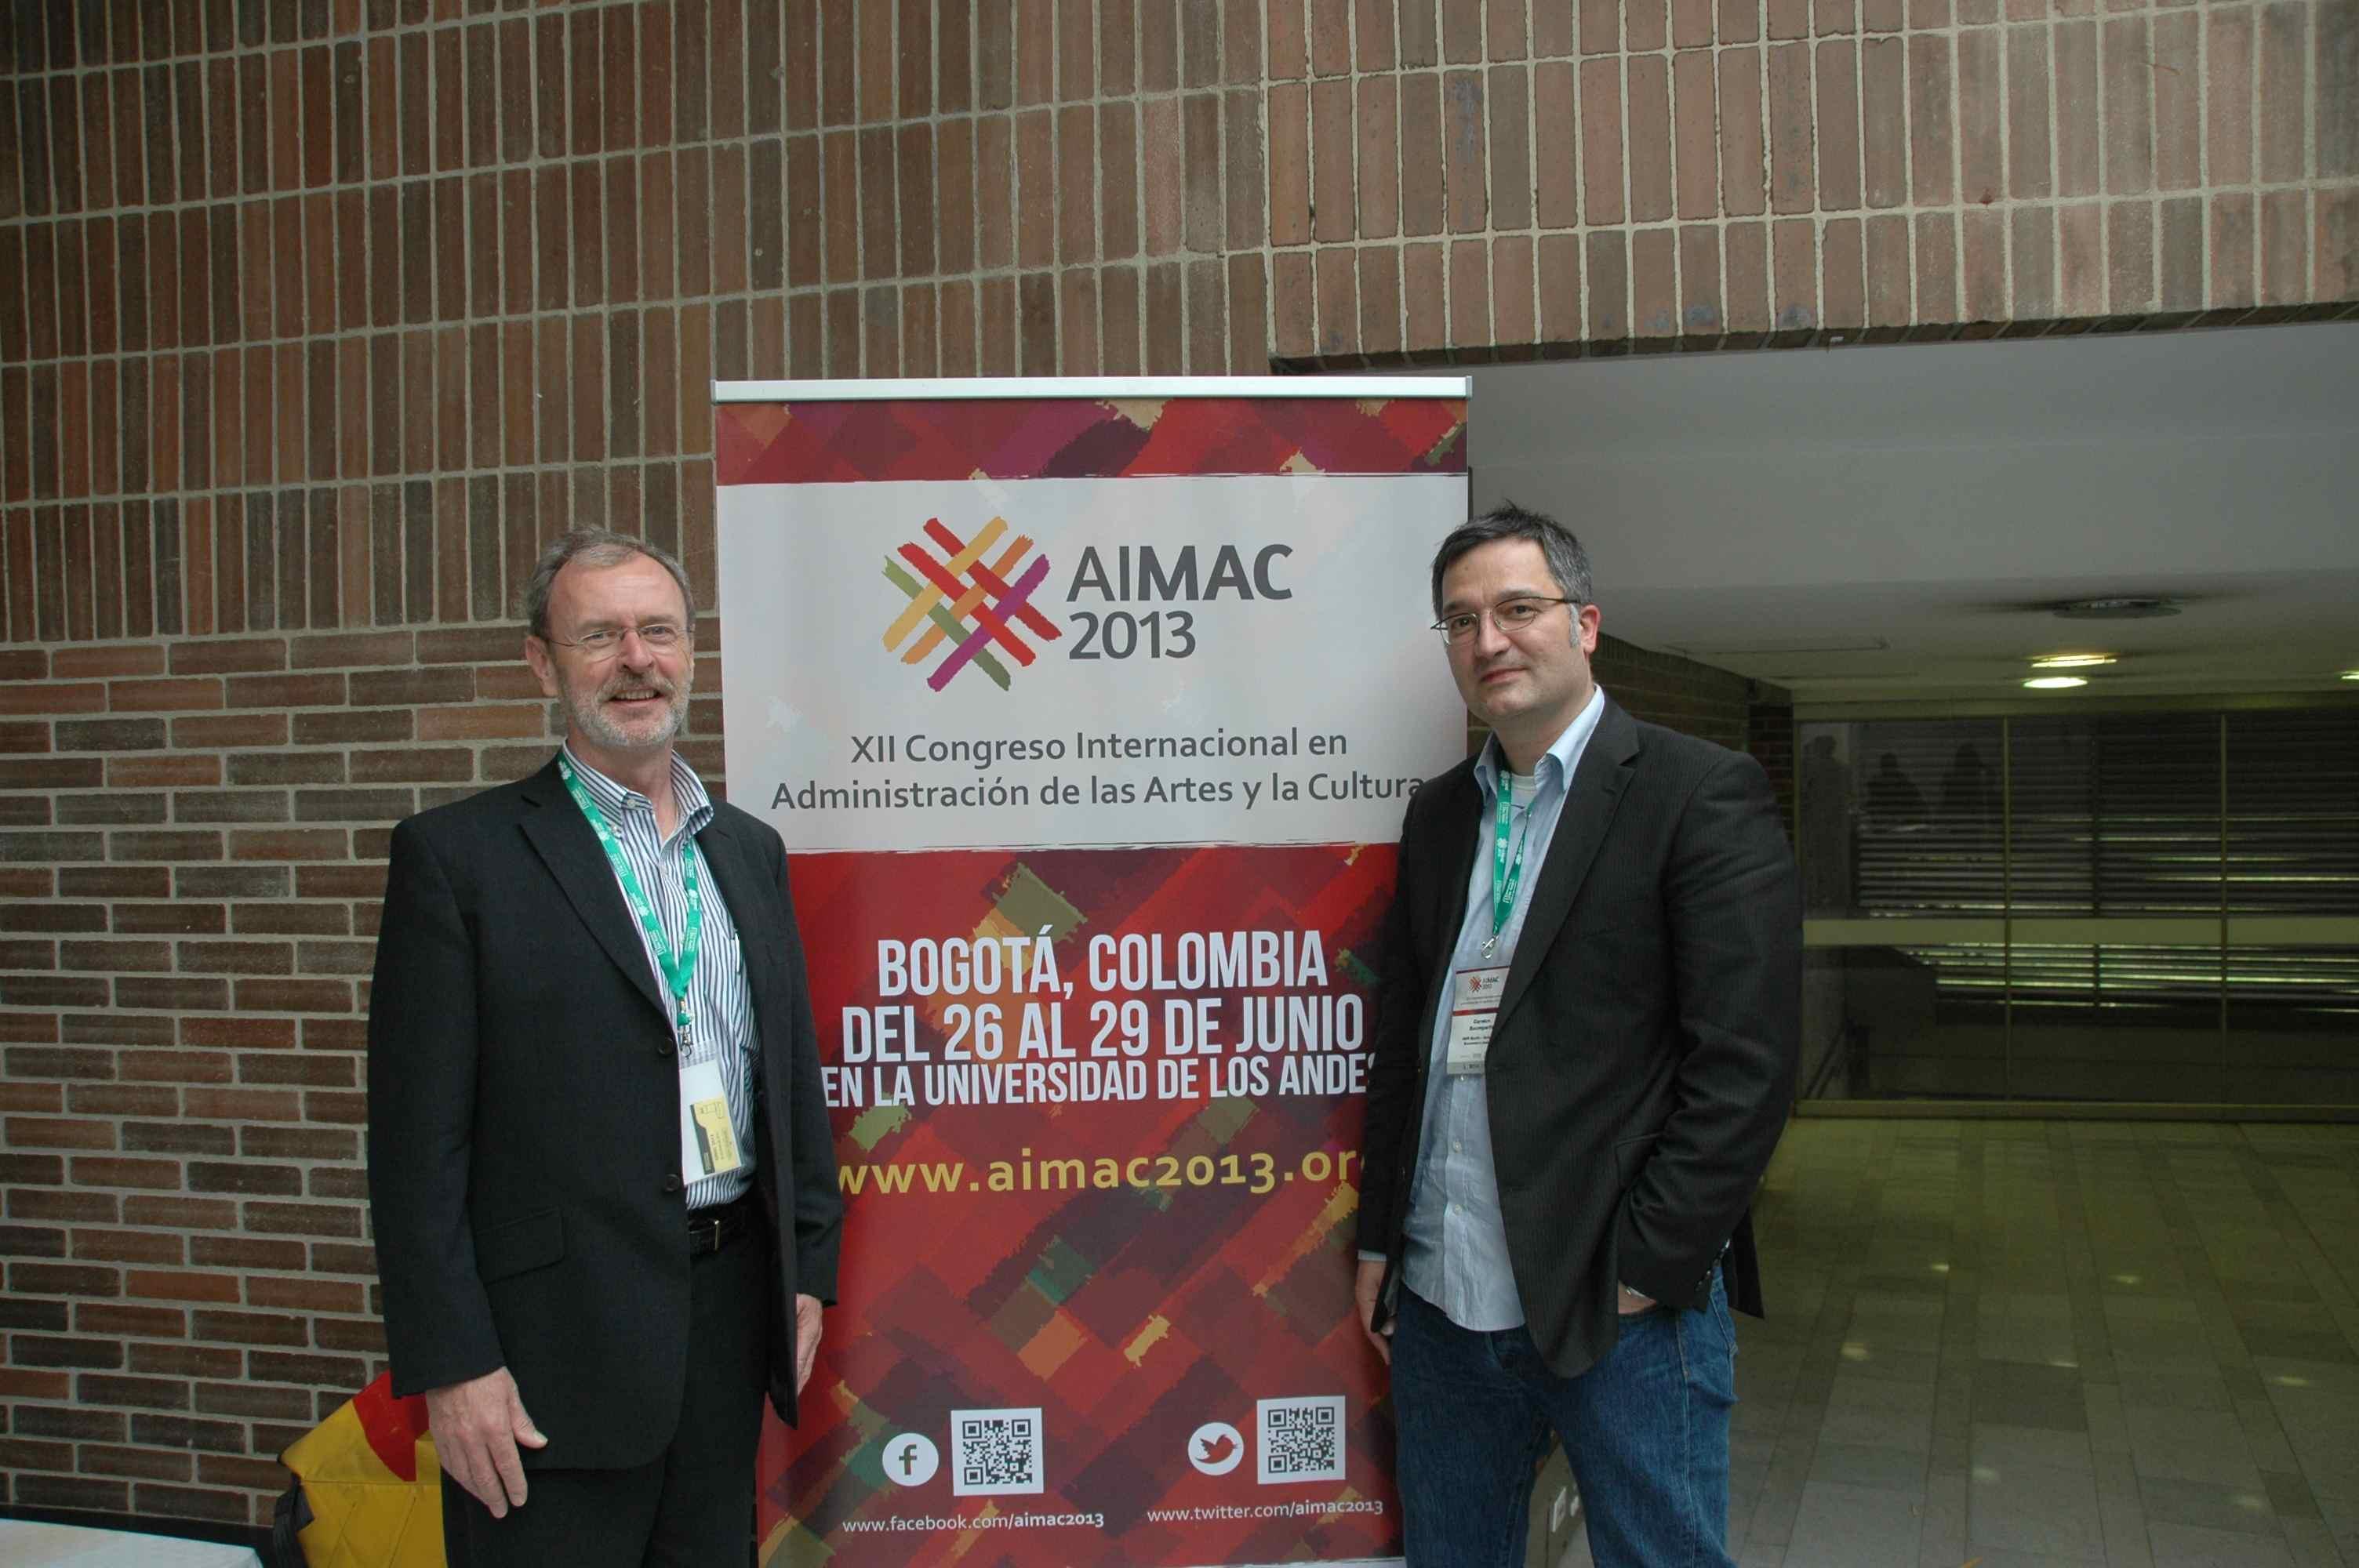 AIMAC 2103 Konferenz